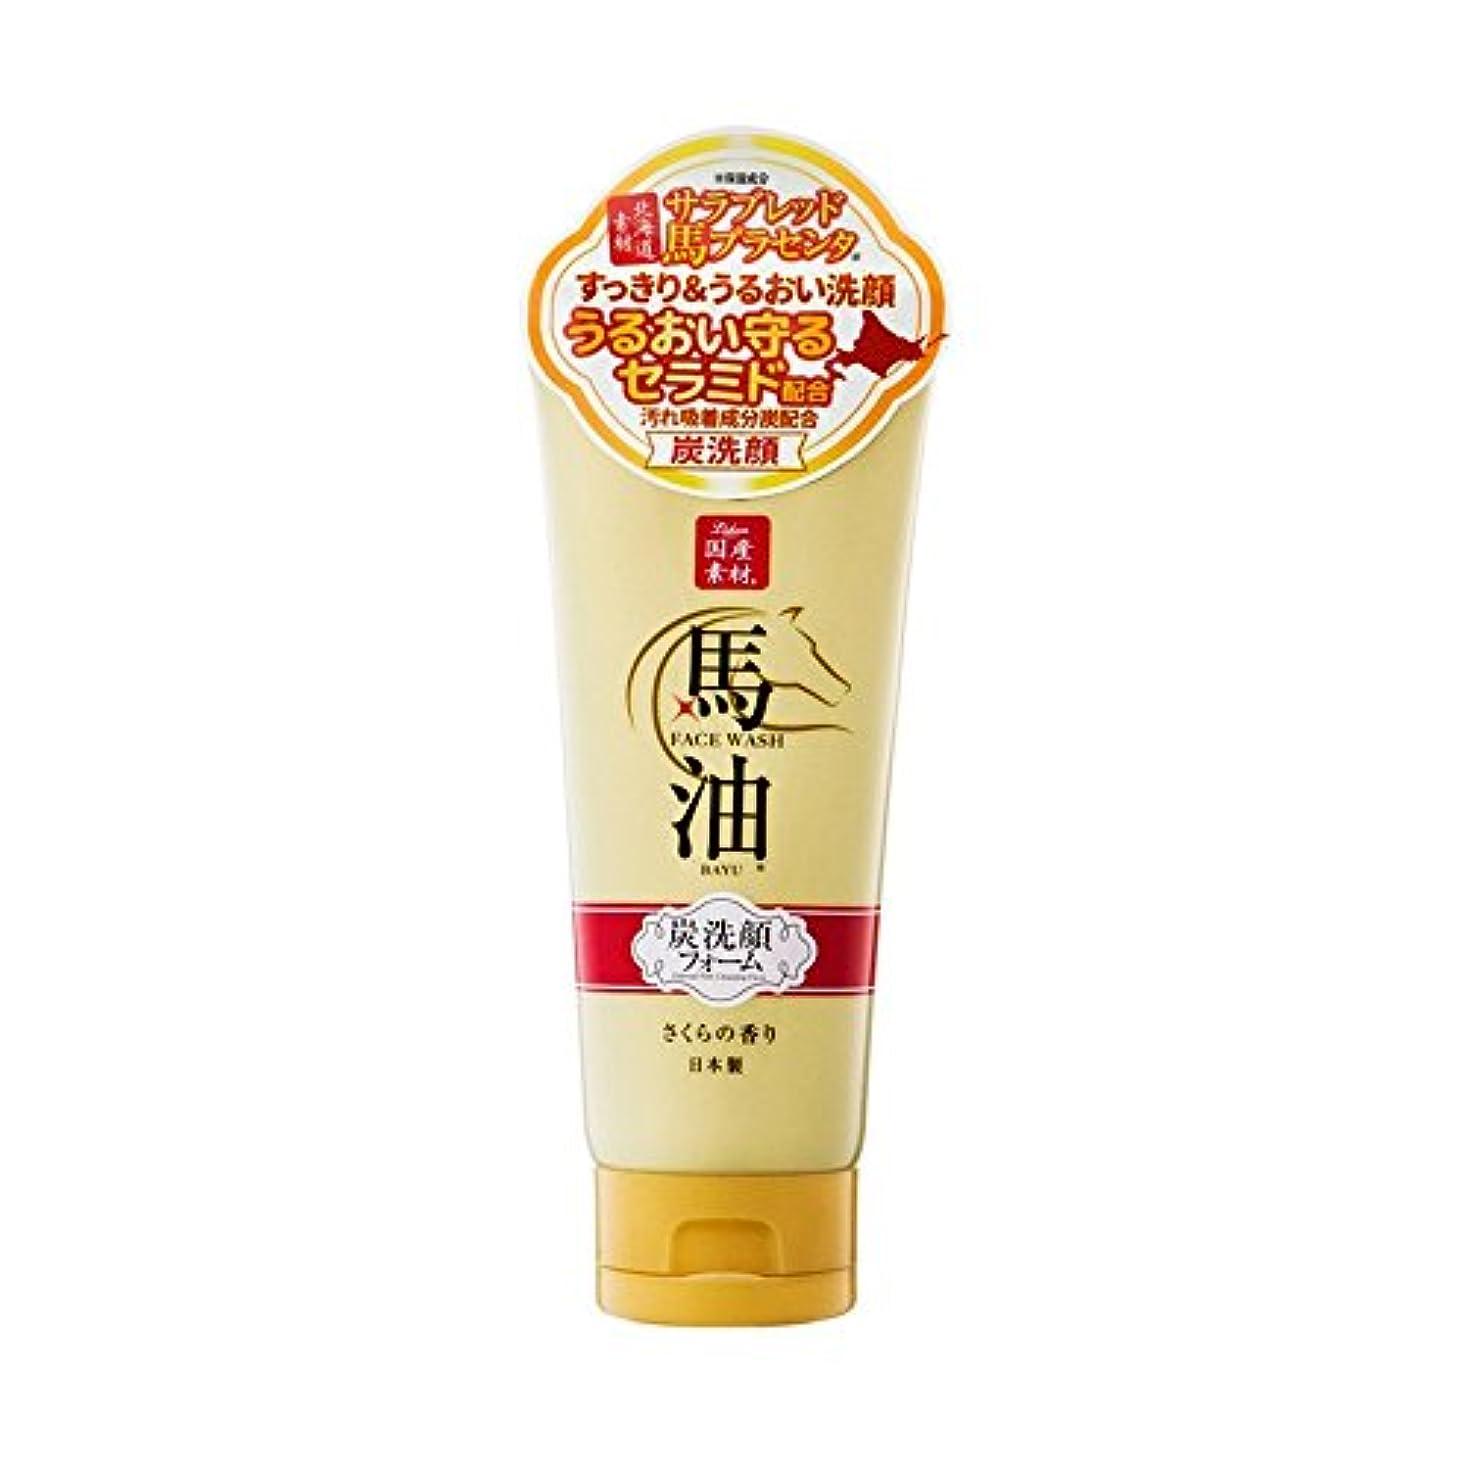 ポンプ実施する征服者リシャン 馬油&炭洗顔フォーム(さくらの香り)(内容量130g)